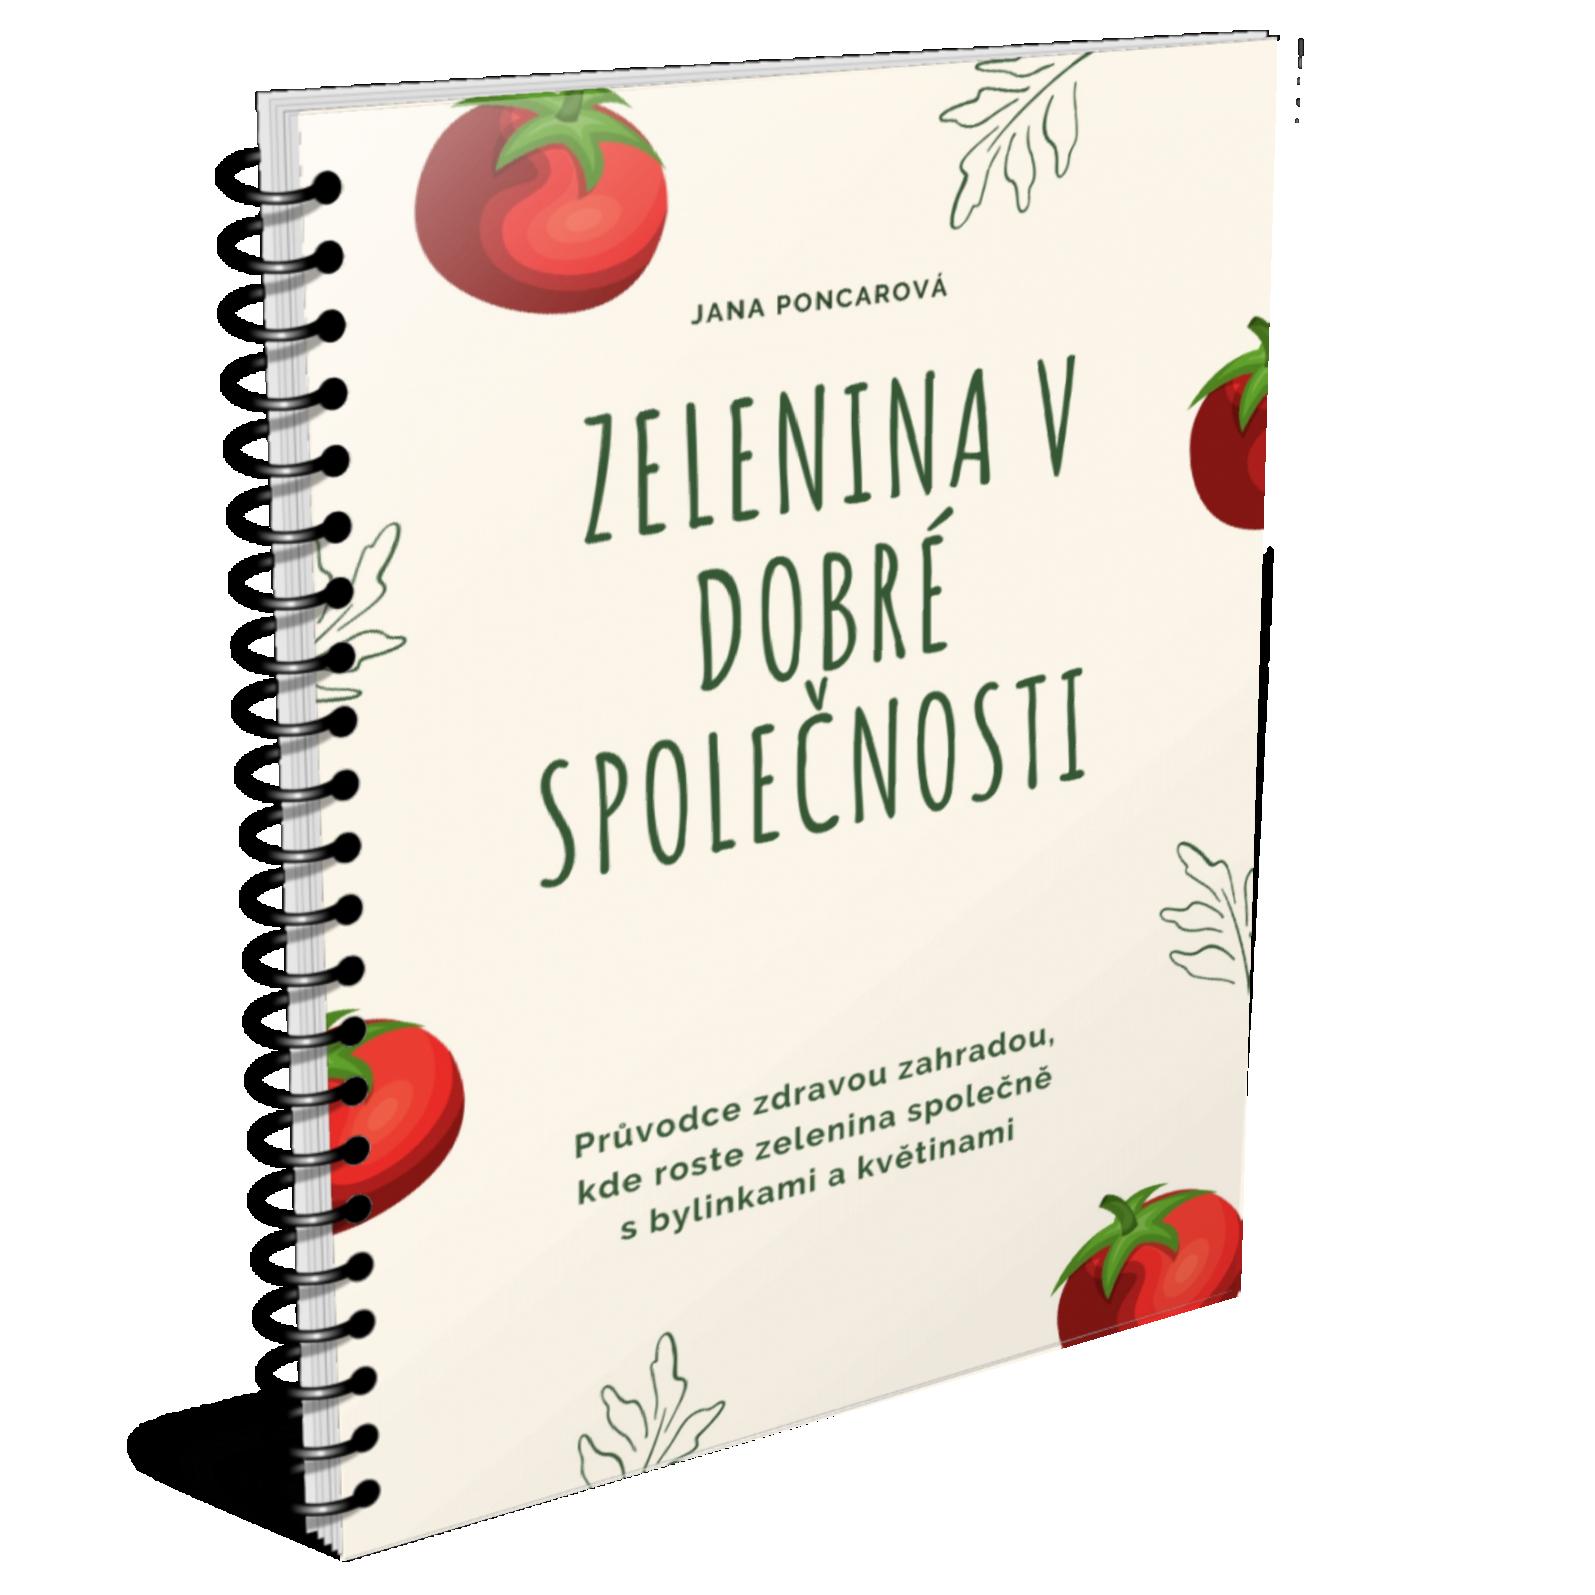 Vychází nový e-book Zelenina v dobré společnosti